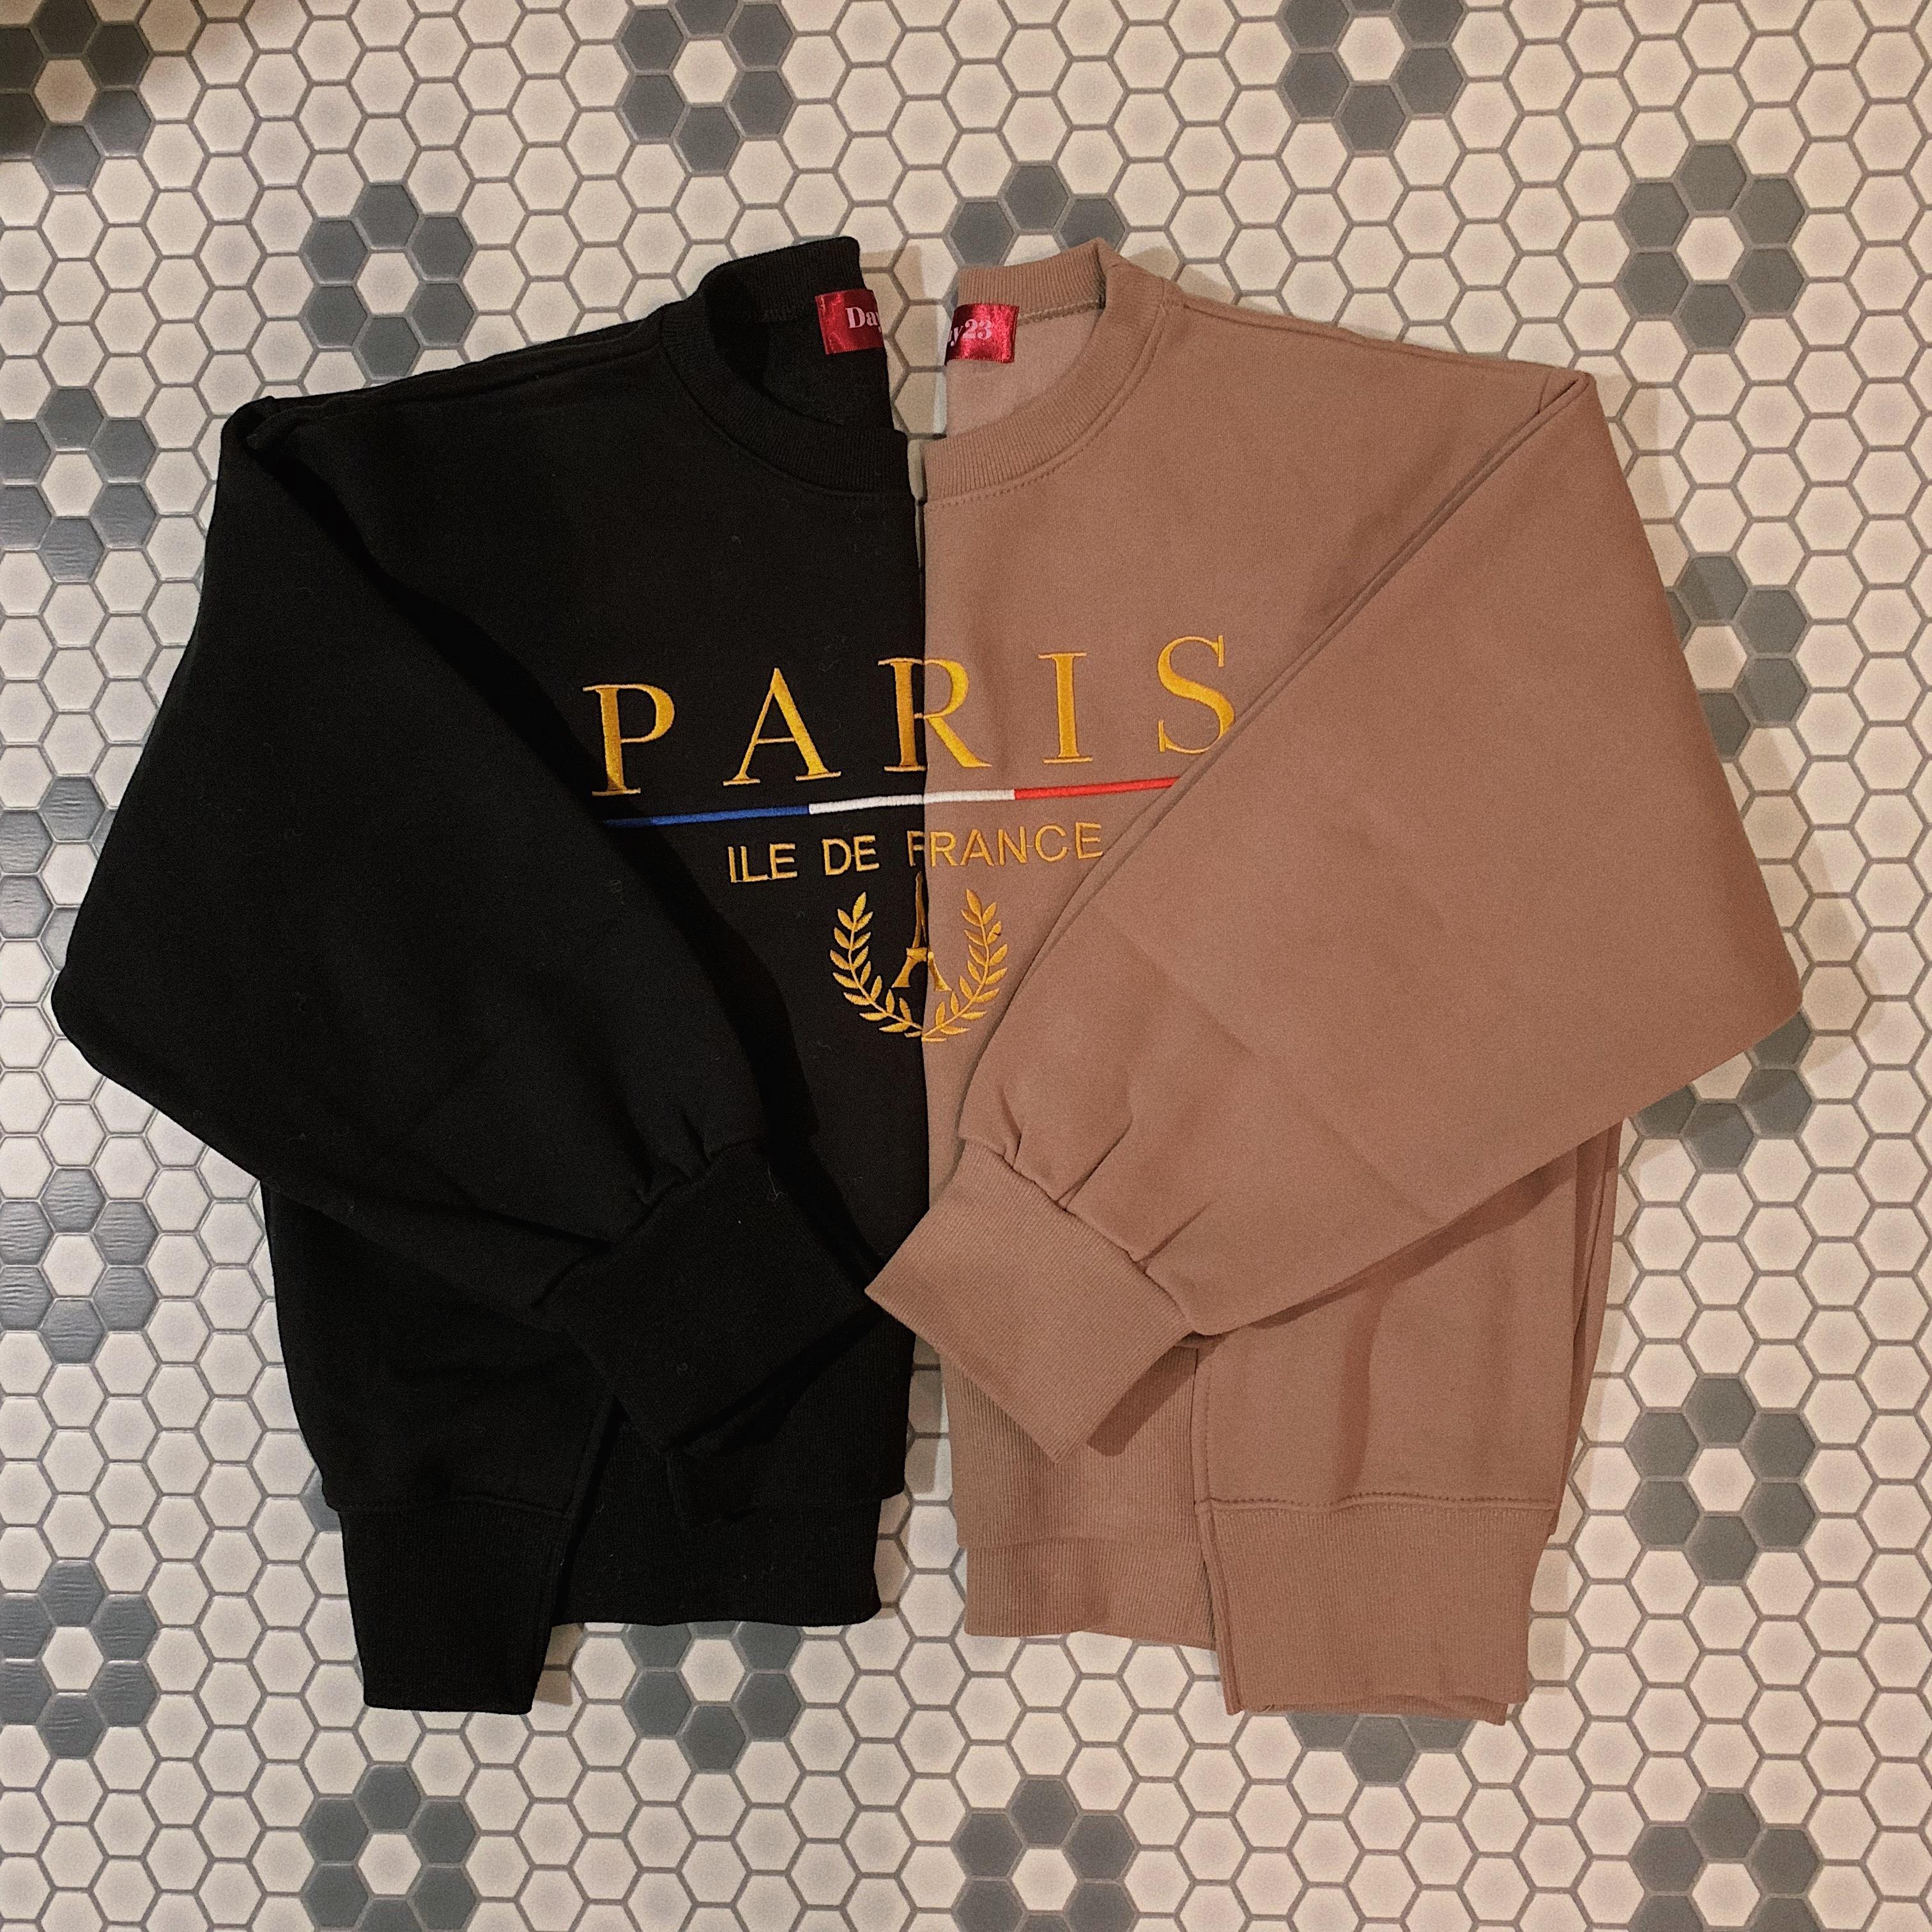 I'm in Paris sweatshirt